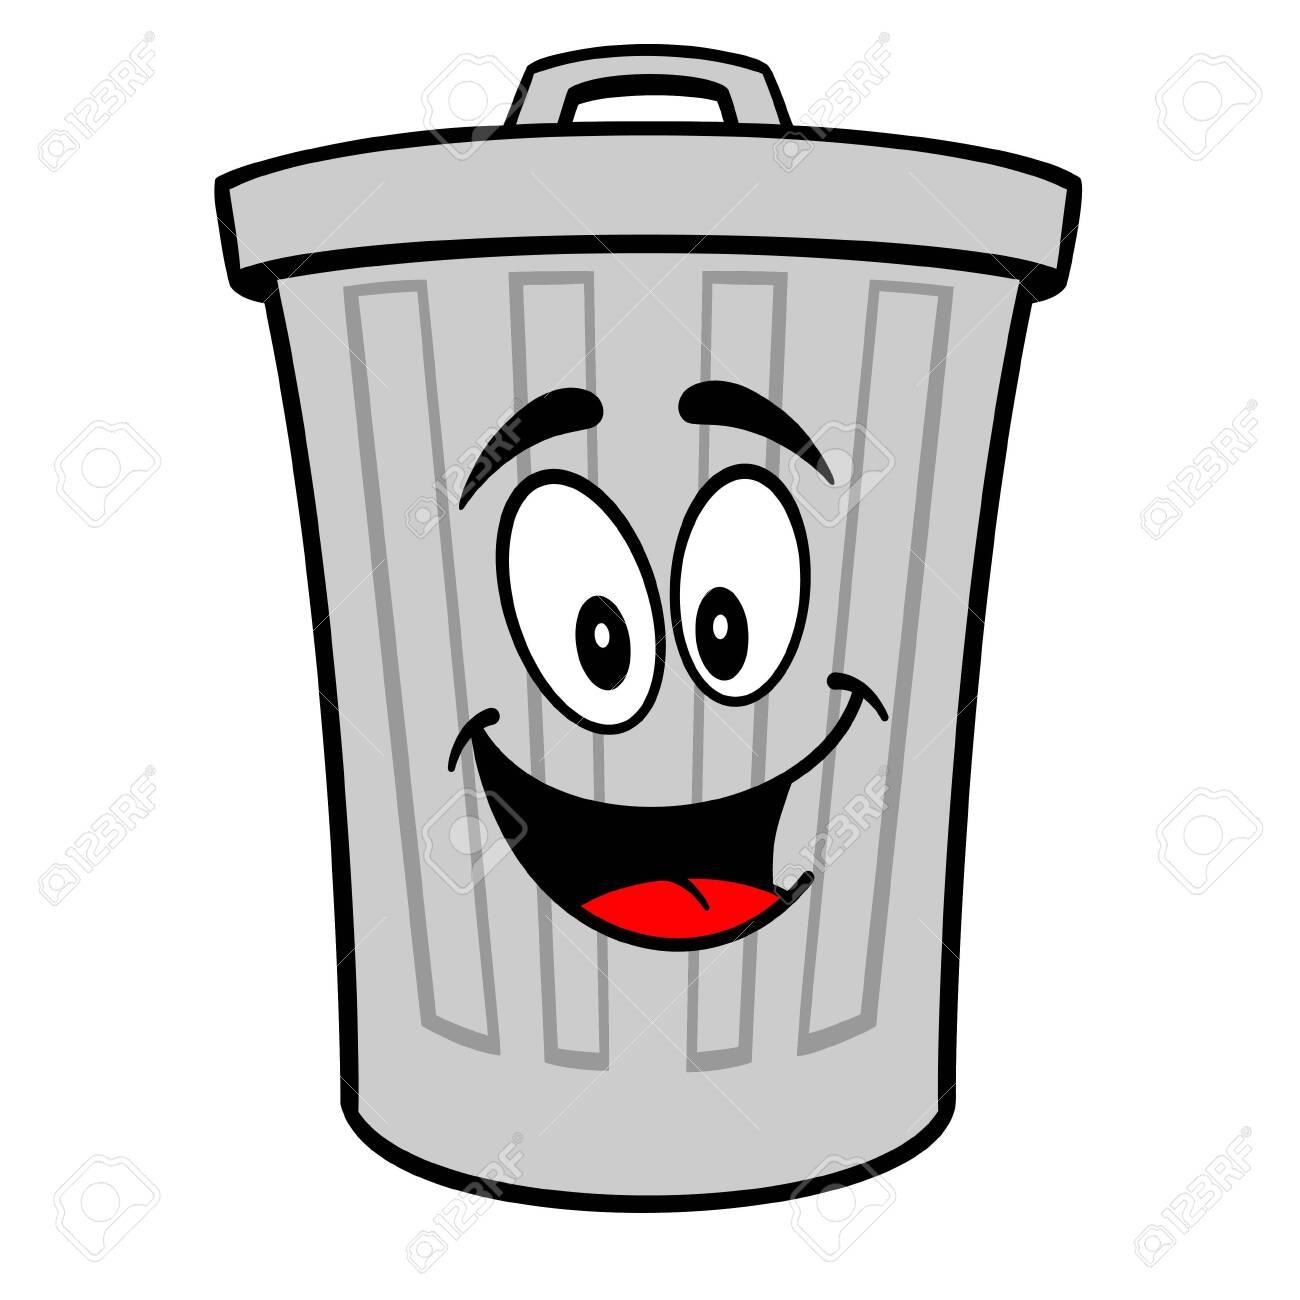 Trash Can Mascot - A vector cartoon illustration of a aluminum Trash Can mascot. - 120066926